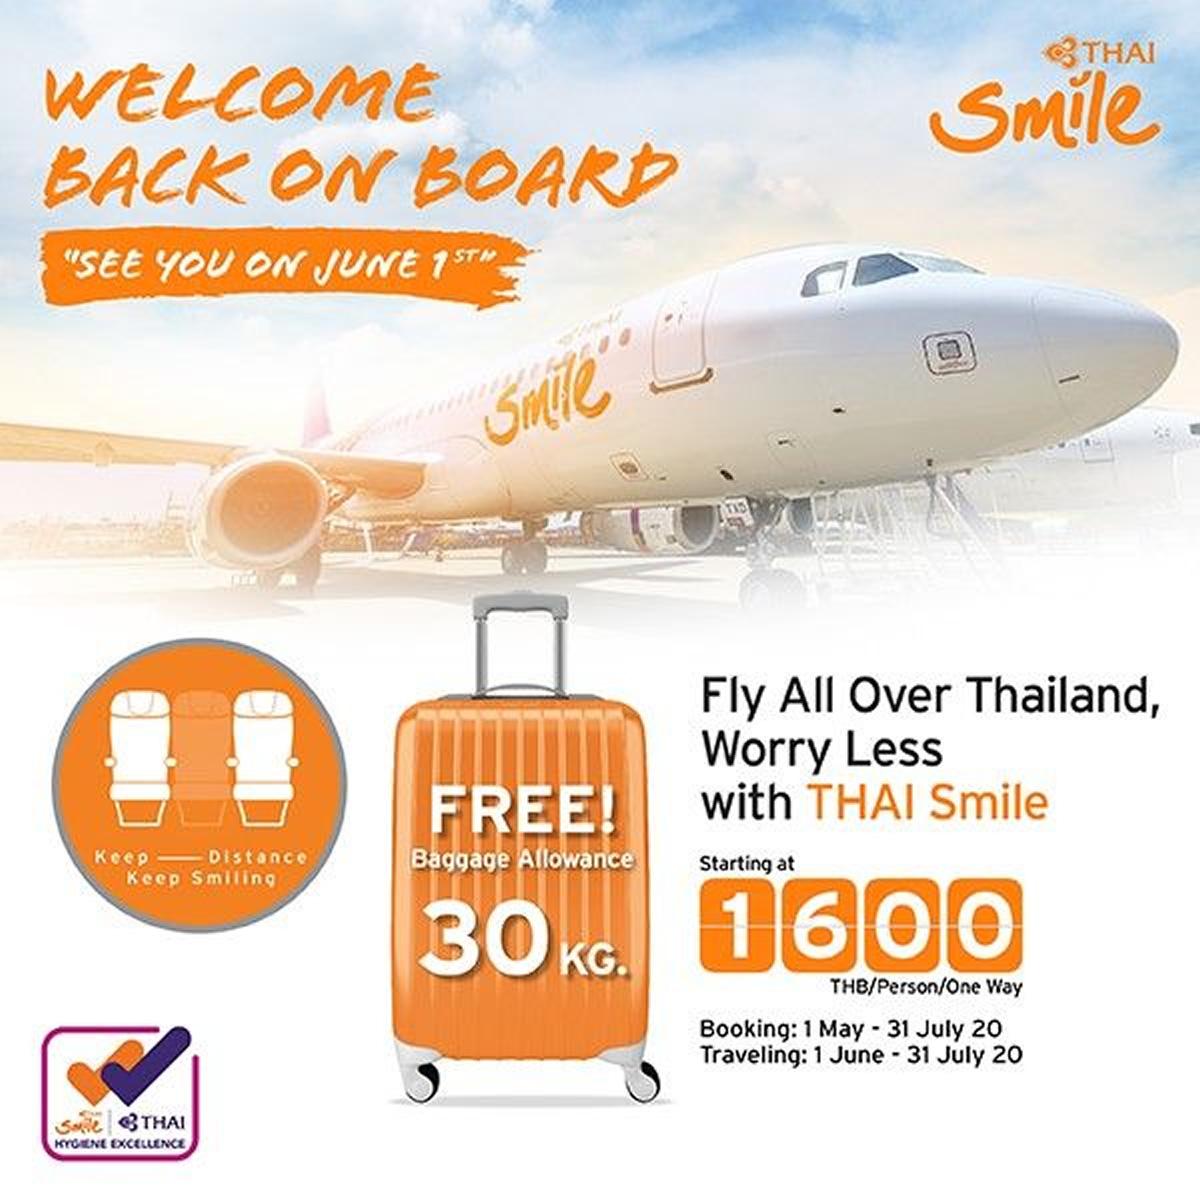 タイ・スマイル、2020年6月1日より国内線の運航再開